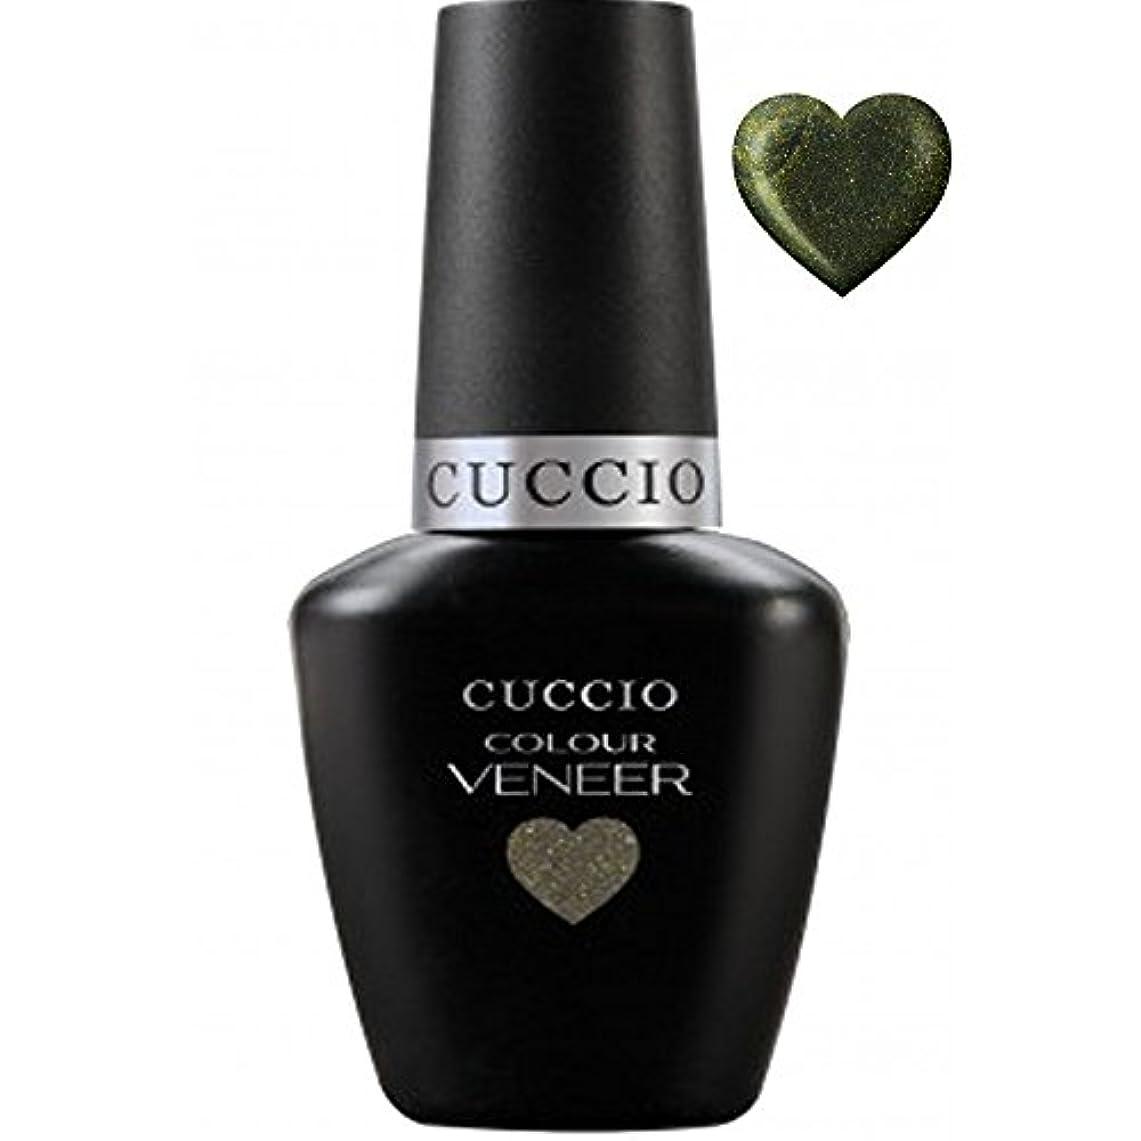 ニッケル運動する液体Cuccio Colour Veneer LED/UV Gel Polish - Olive You - 0.43oz / 13ml